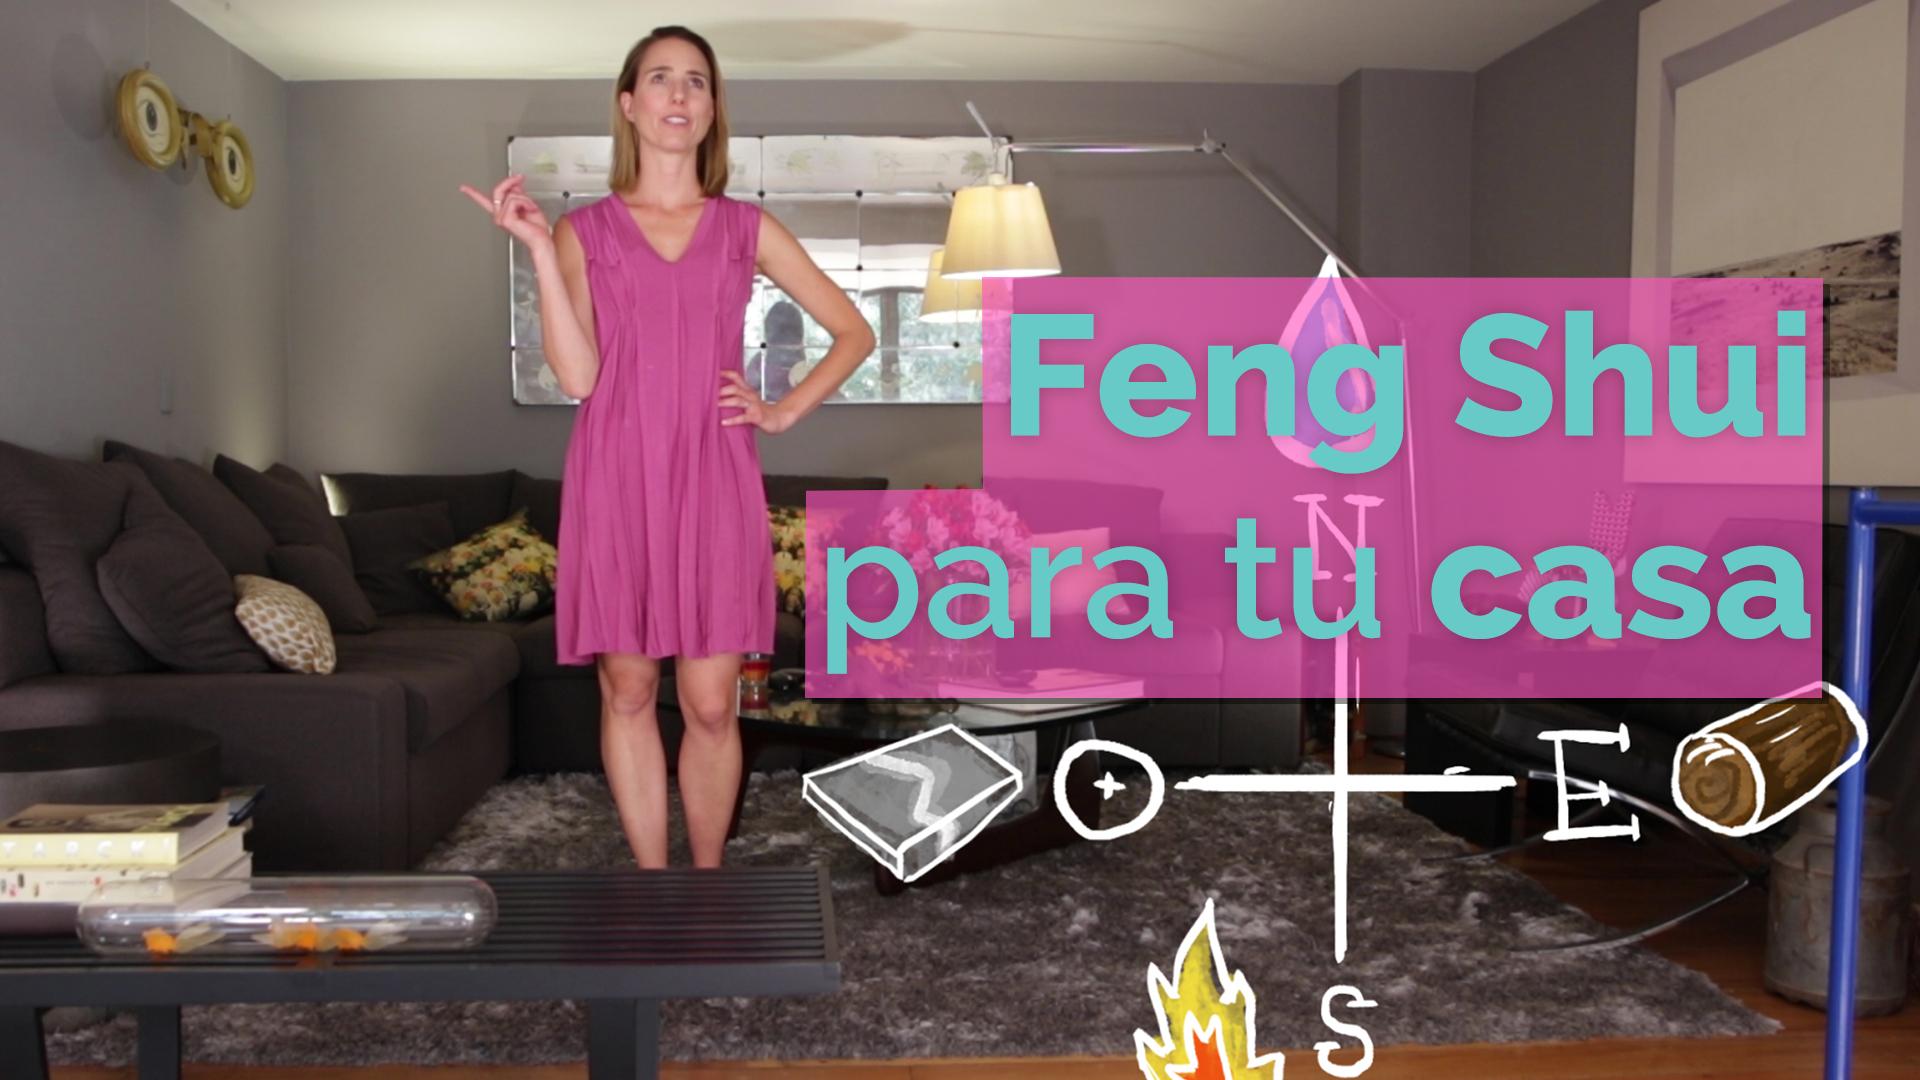 Tips de feng shui para decorar la casa me lo dijo lola for Tips de feng shui para el hogar